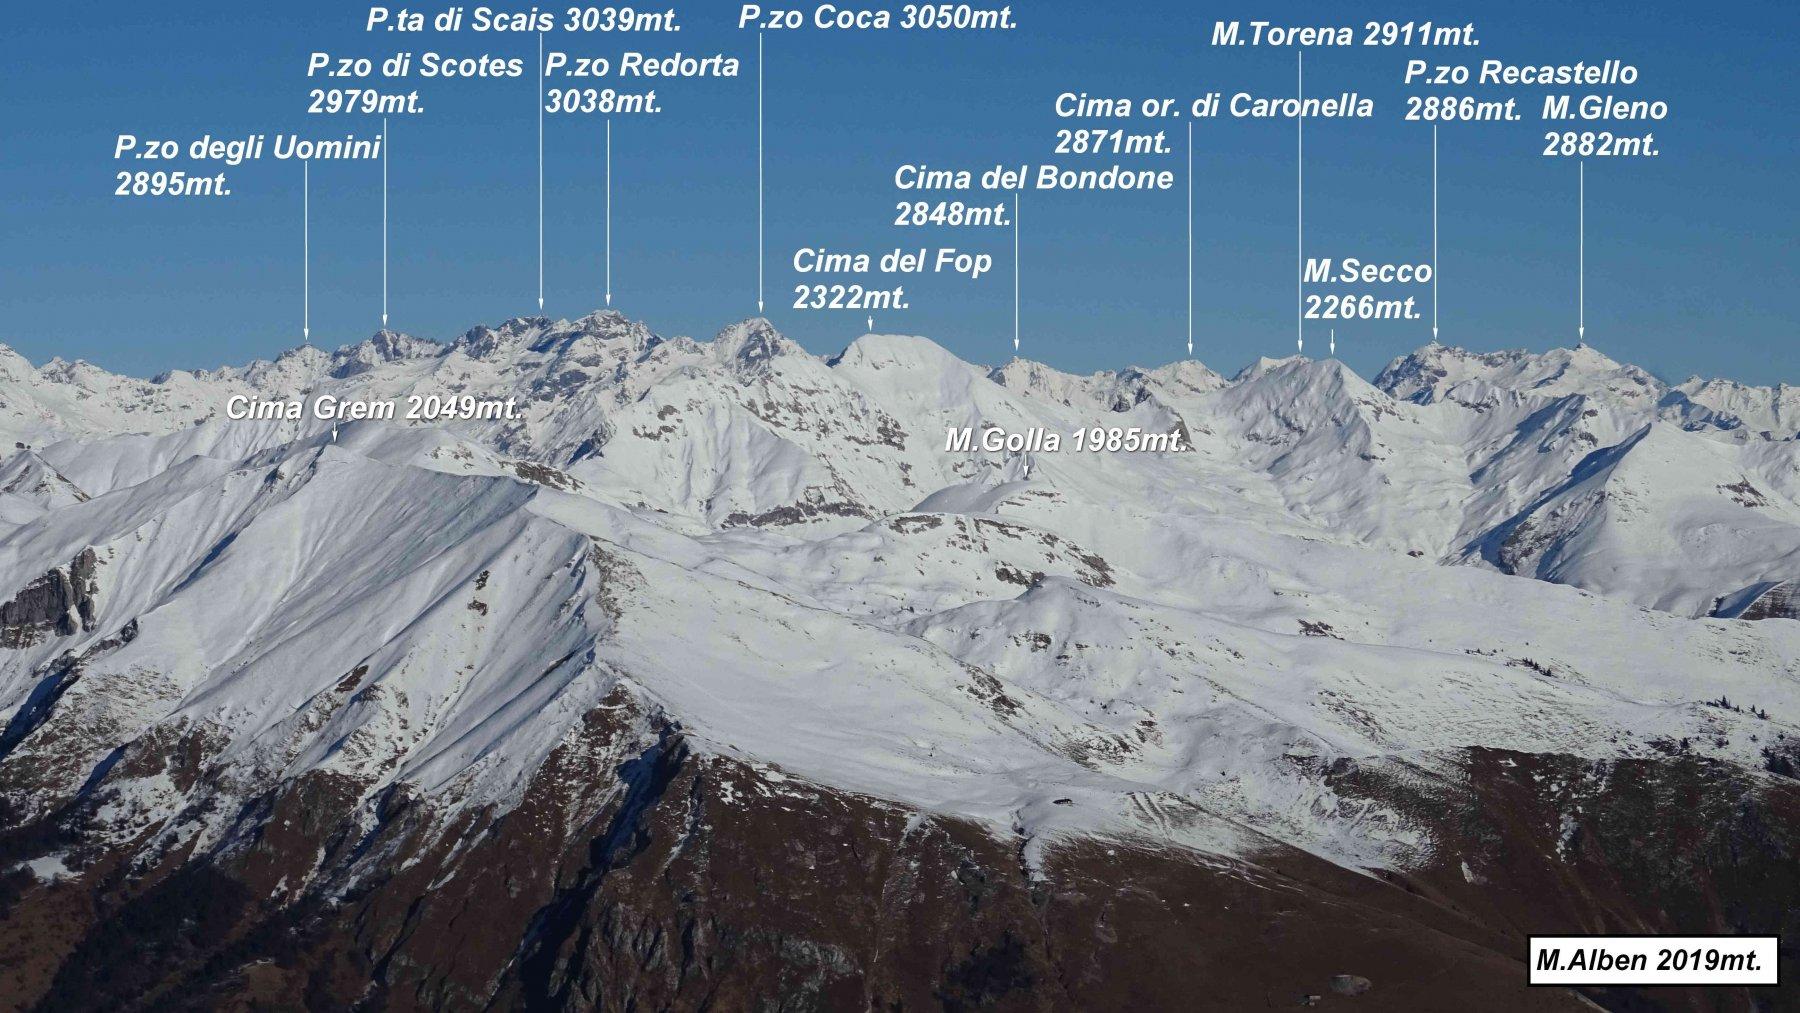 Panorama dalla vetta del M.Alben.